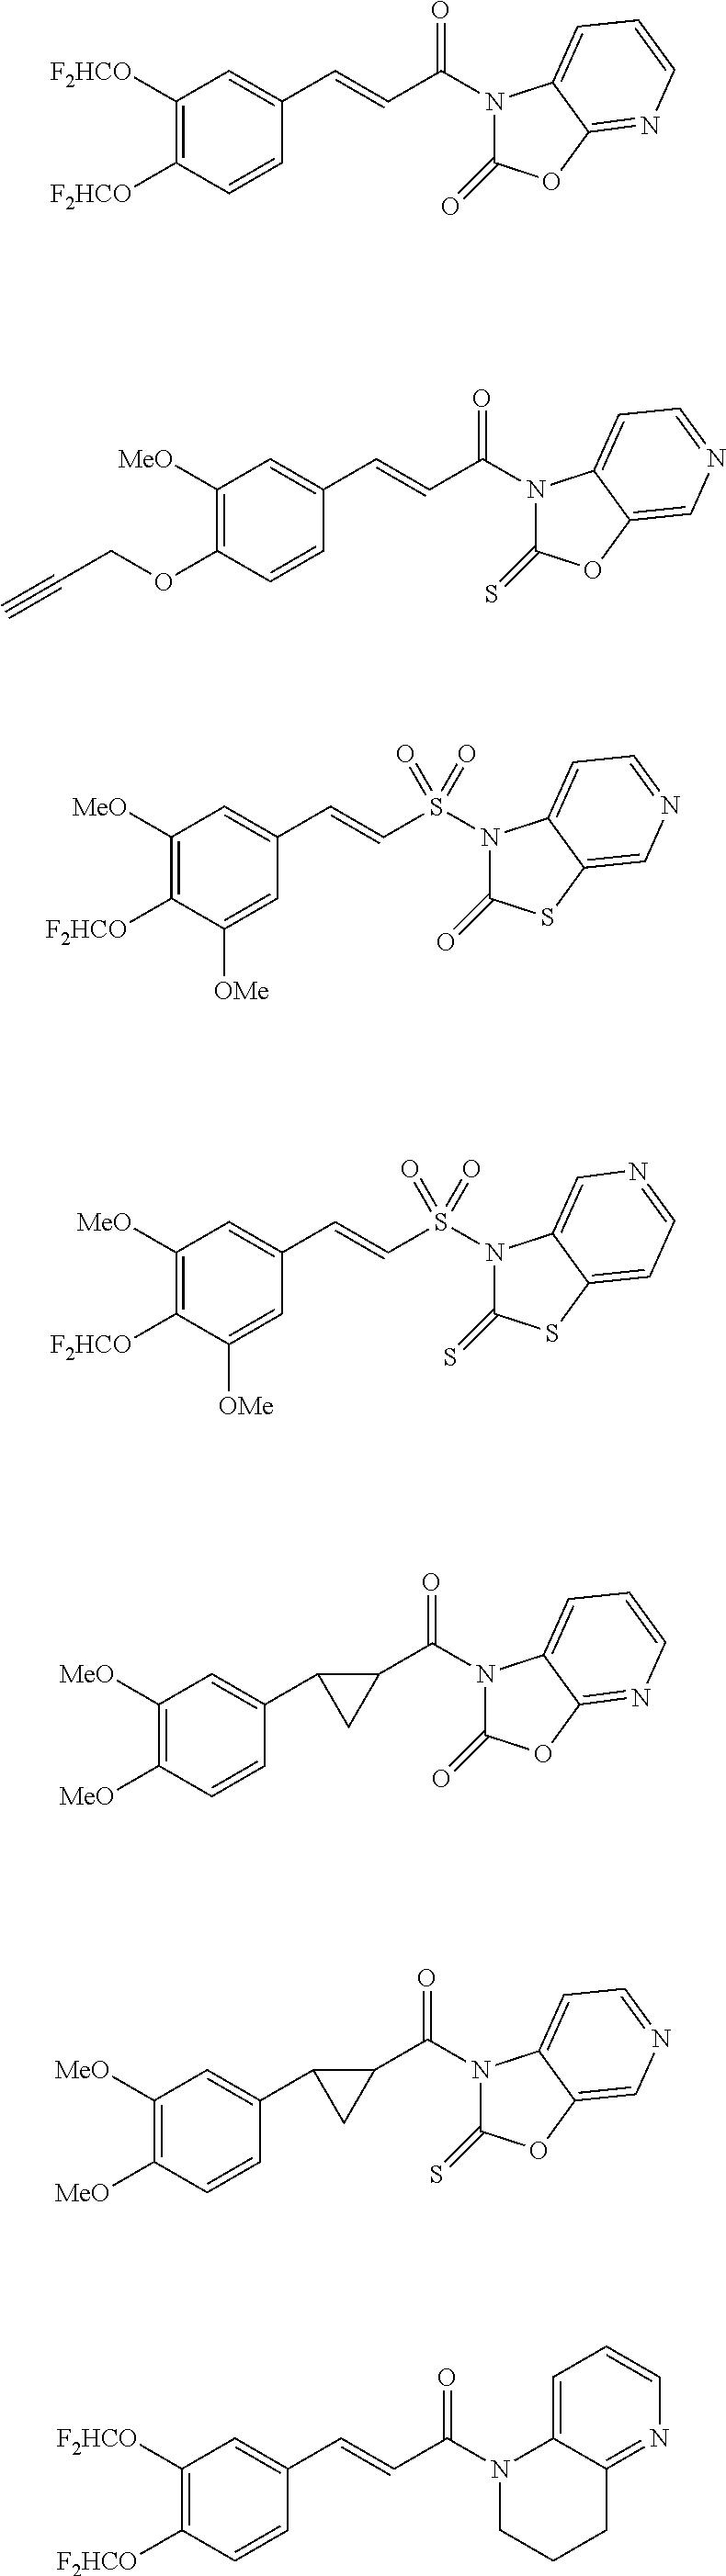 Figure US09951087-20180424-C00022